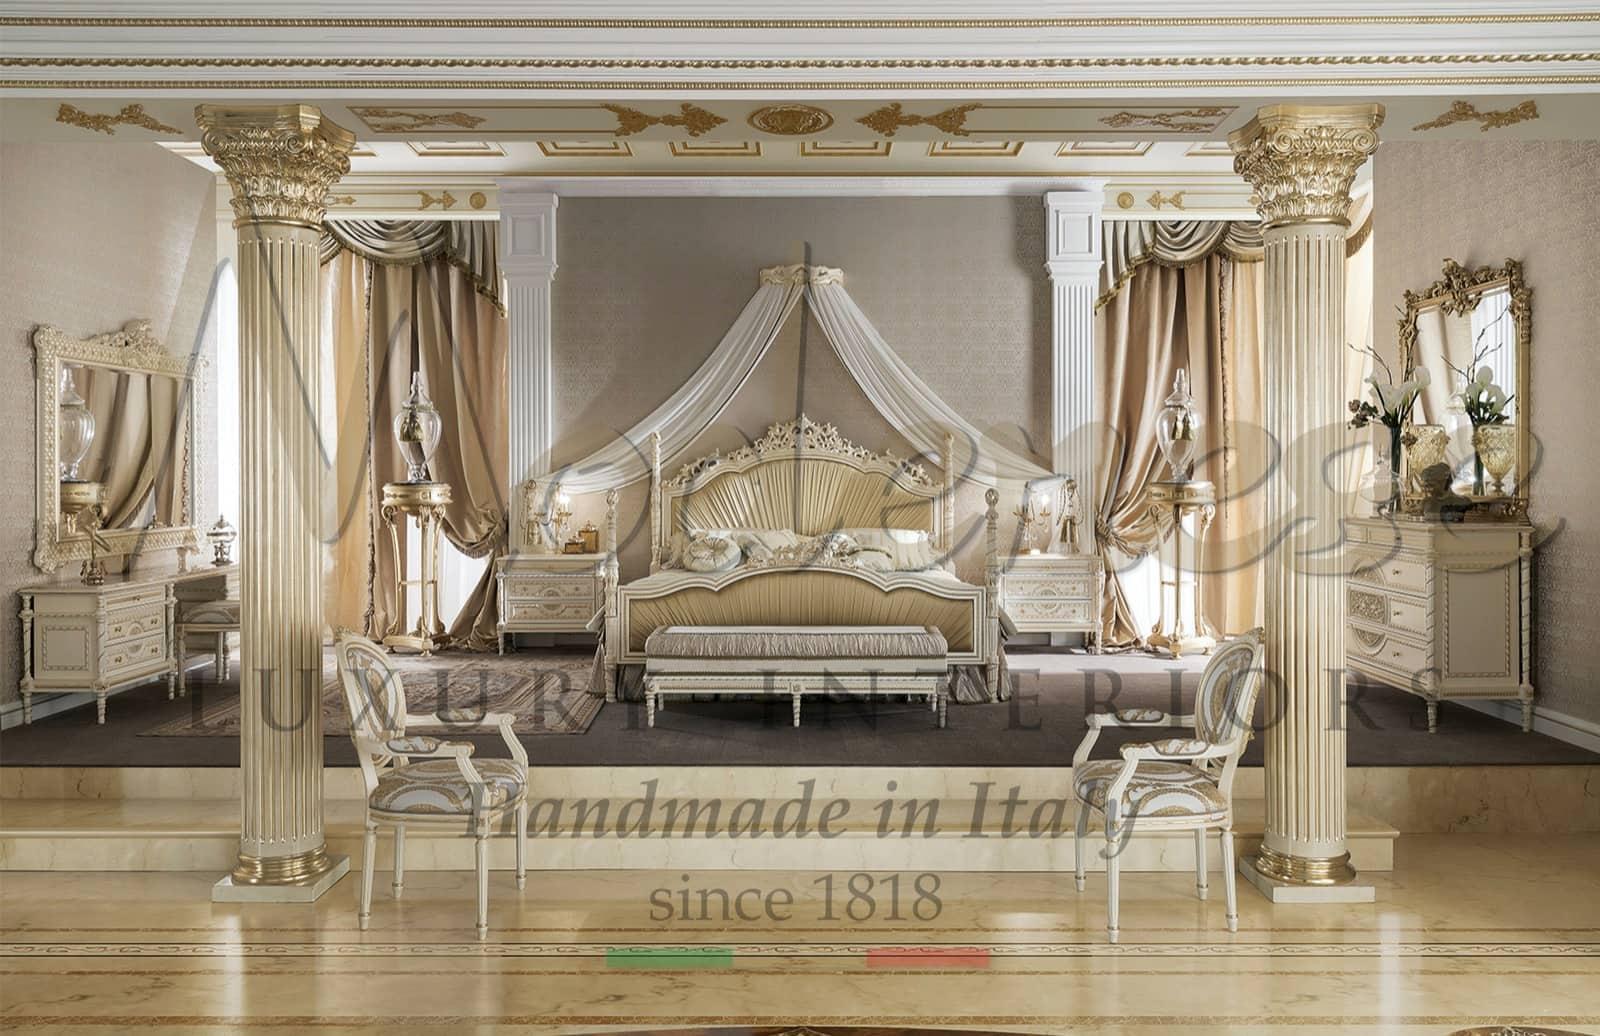 хозяйственная спальня,роскошная итальянская мебель для королевской виллы, декор дома, роскошный интерьеры класса люкс, Людовик XVI, индивидуальные элегантные изысканные проекты, венецианский стиль, барокко, внимание к деталям, производство мебели ручной работы